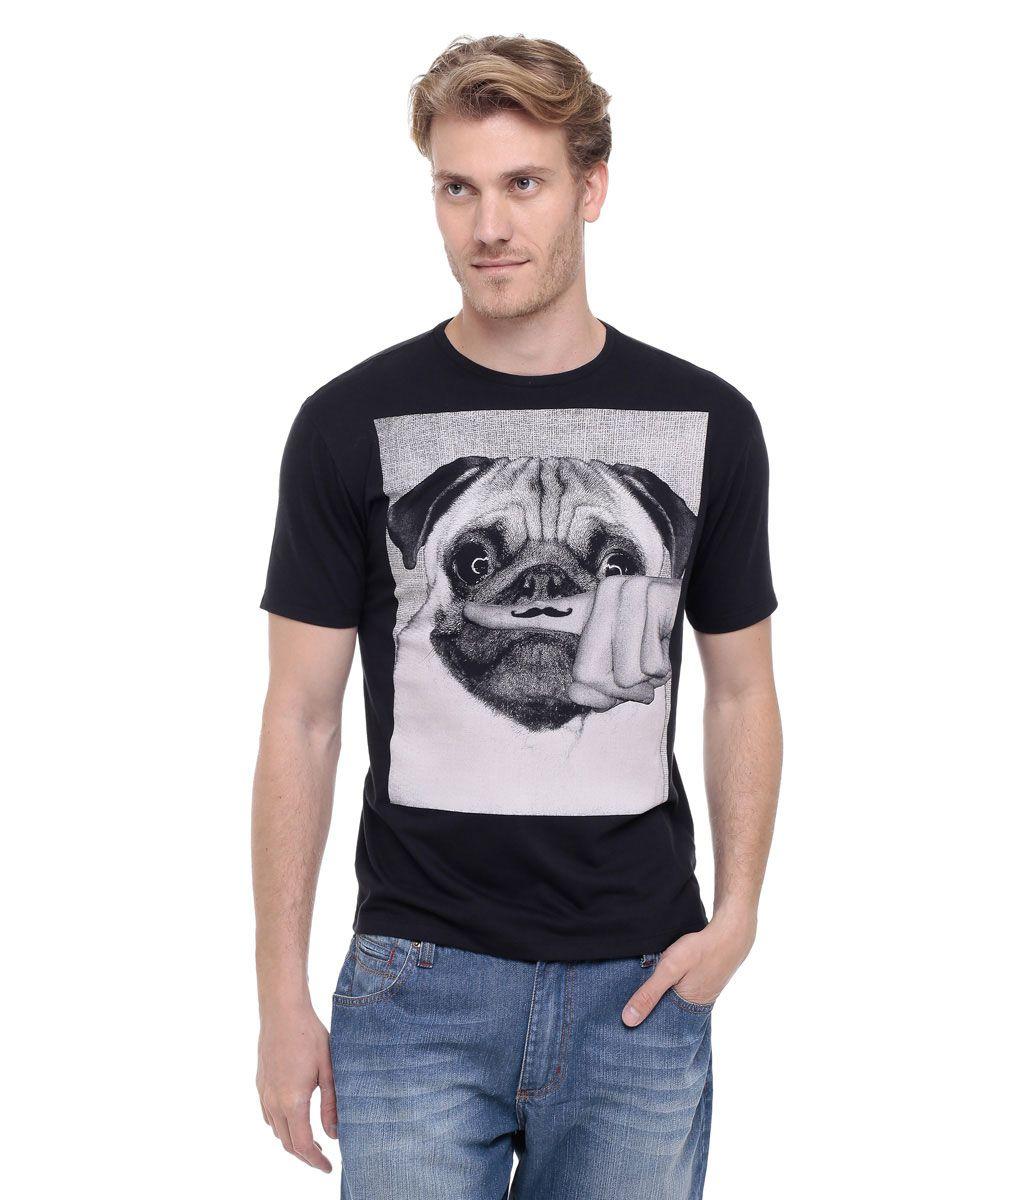 243b9949e0 Camiseta Masculina com Estampa de Cachorro de Bigode - Lojas Renner ...